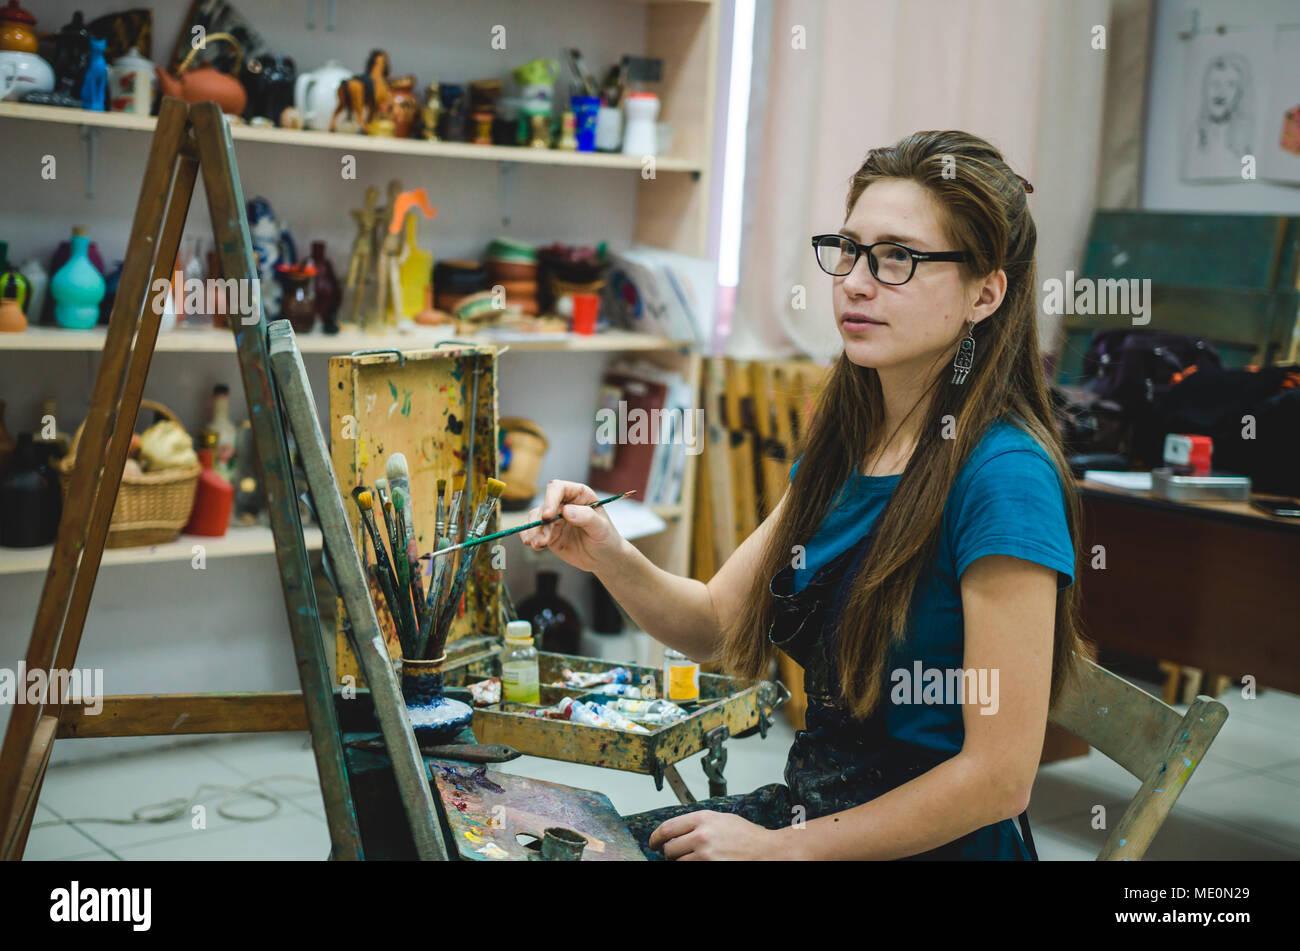 Jolie fille artiste peint sur toile dans art studio Photo Stock